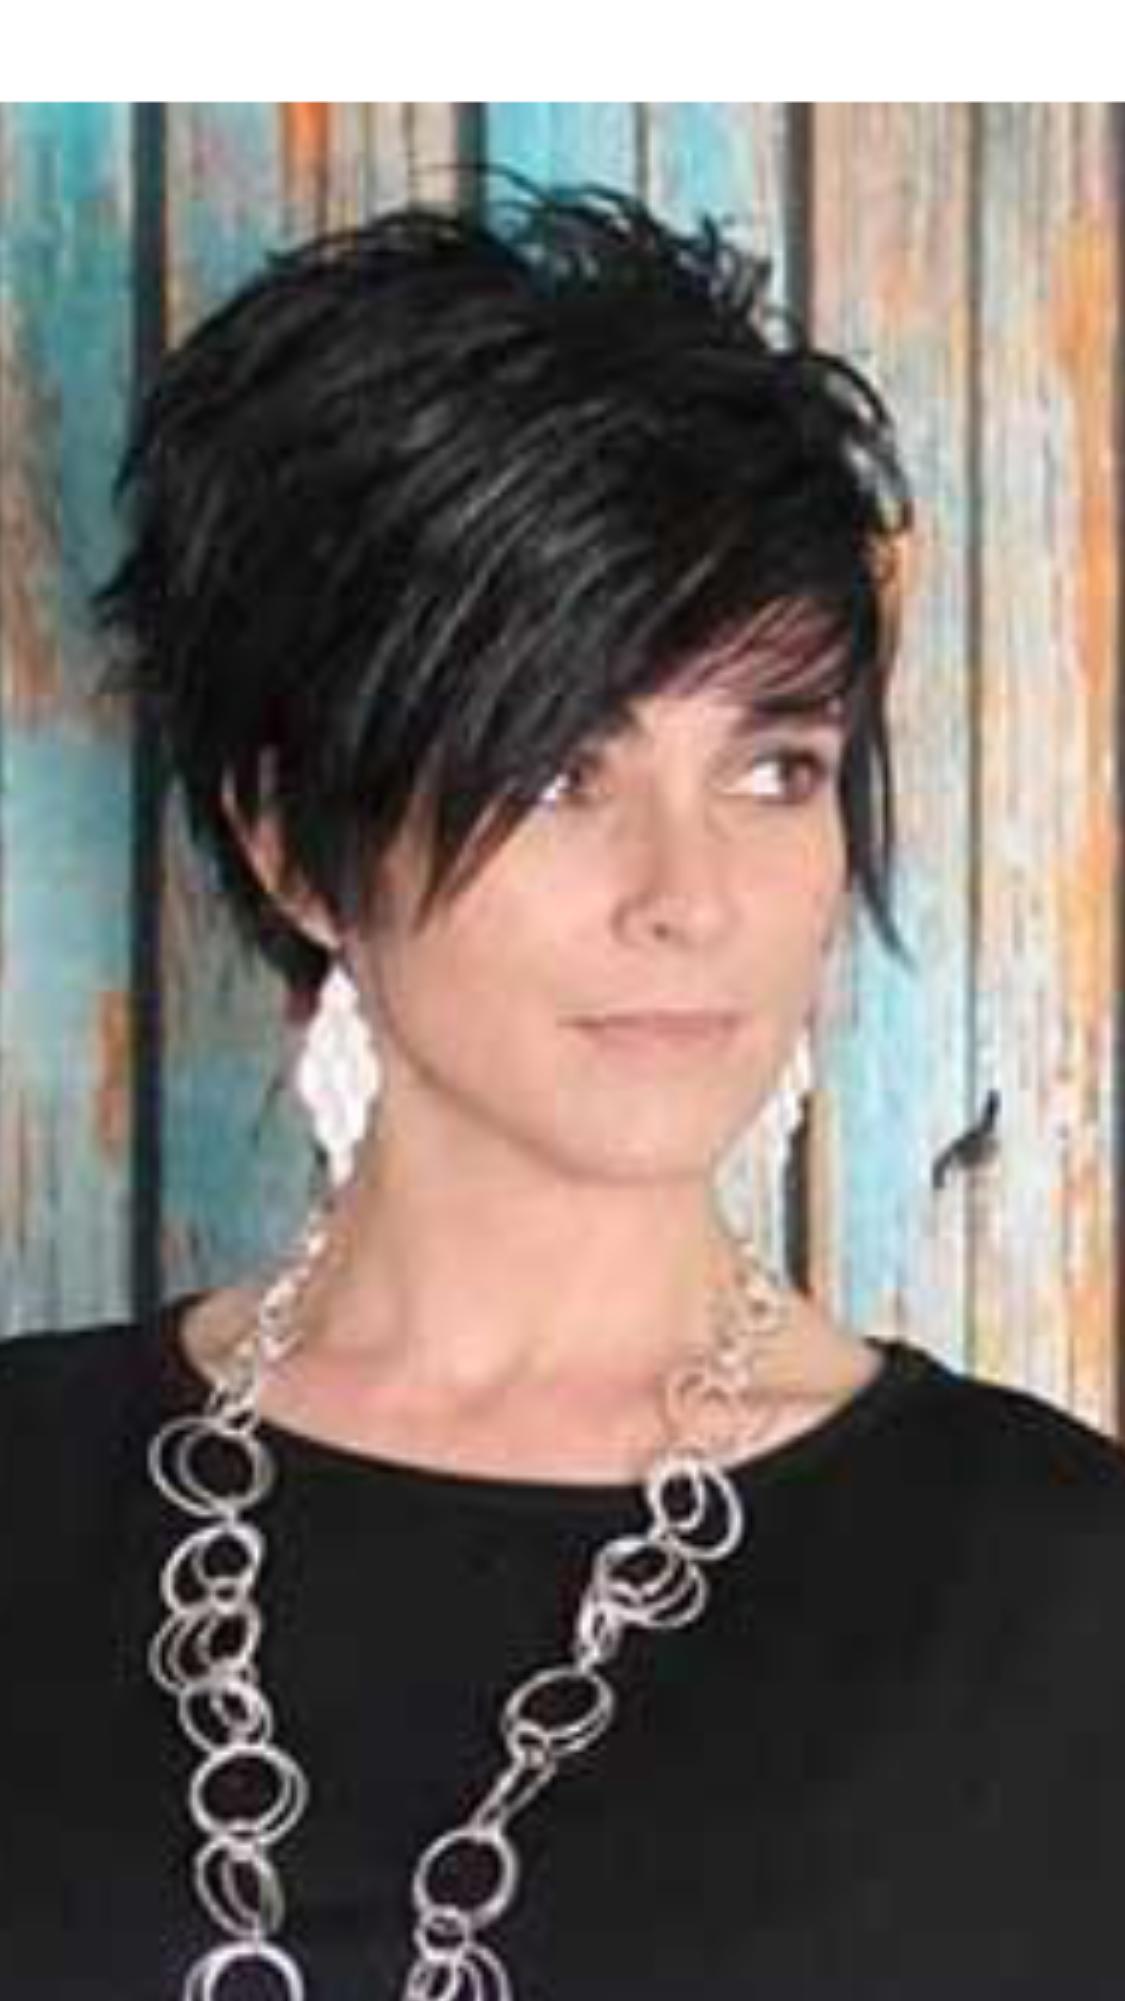 Pin Von Karin Hass Auf Frisur Cute Hairstyles For Short Hair Hair